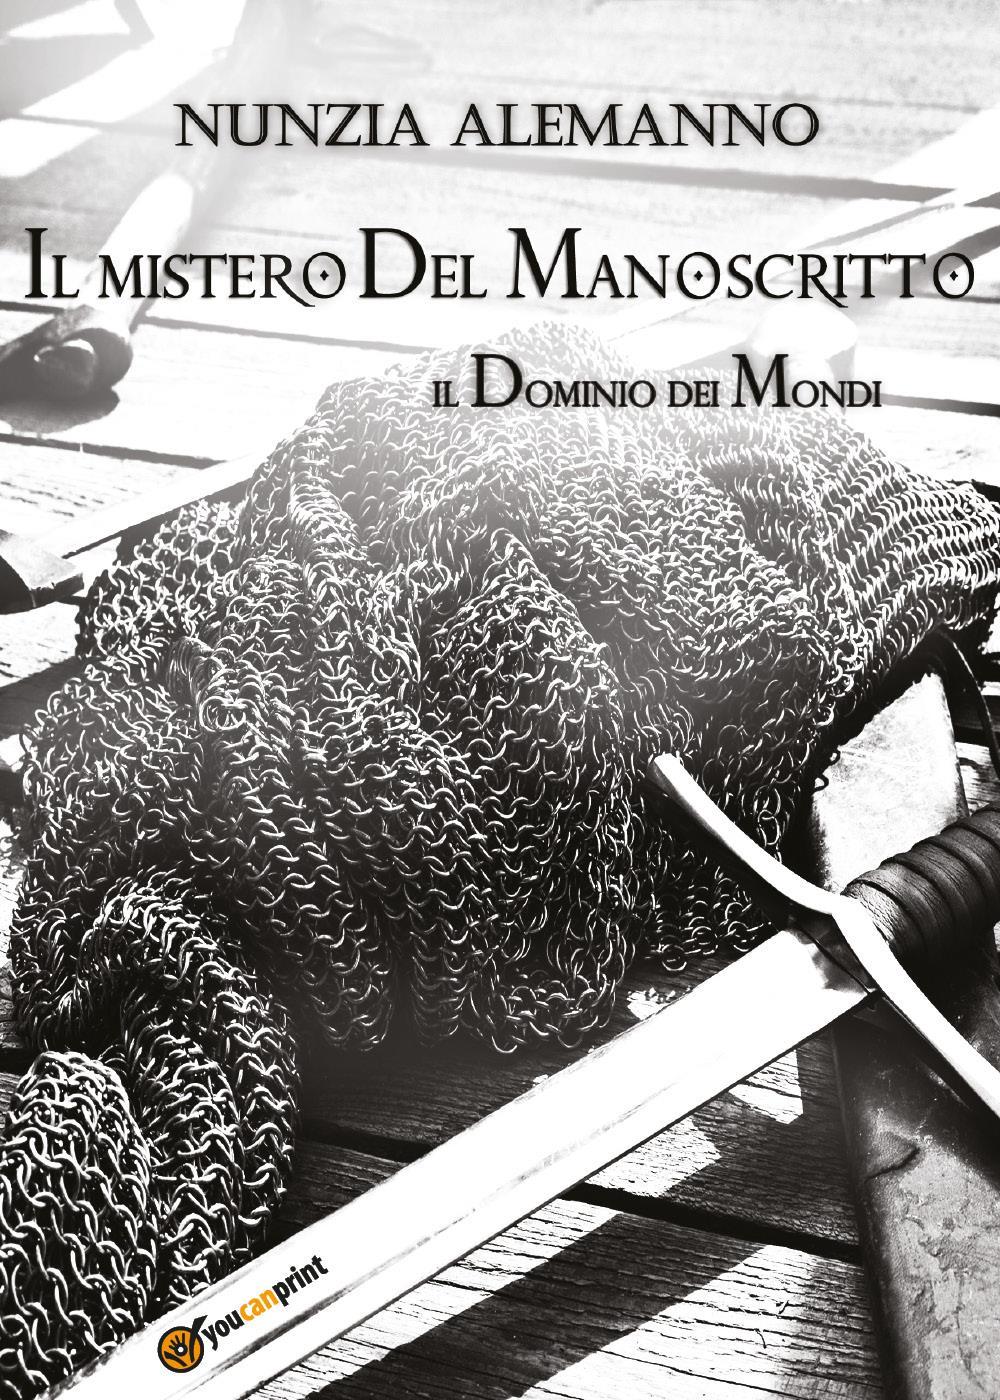 Il Dominio dei Mondi - IL MISTERO DEL MANOSCRITTO